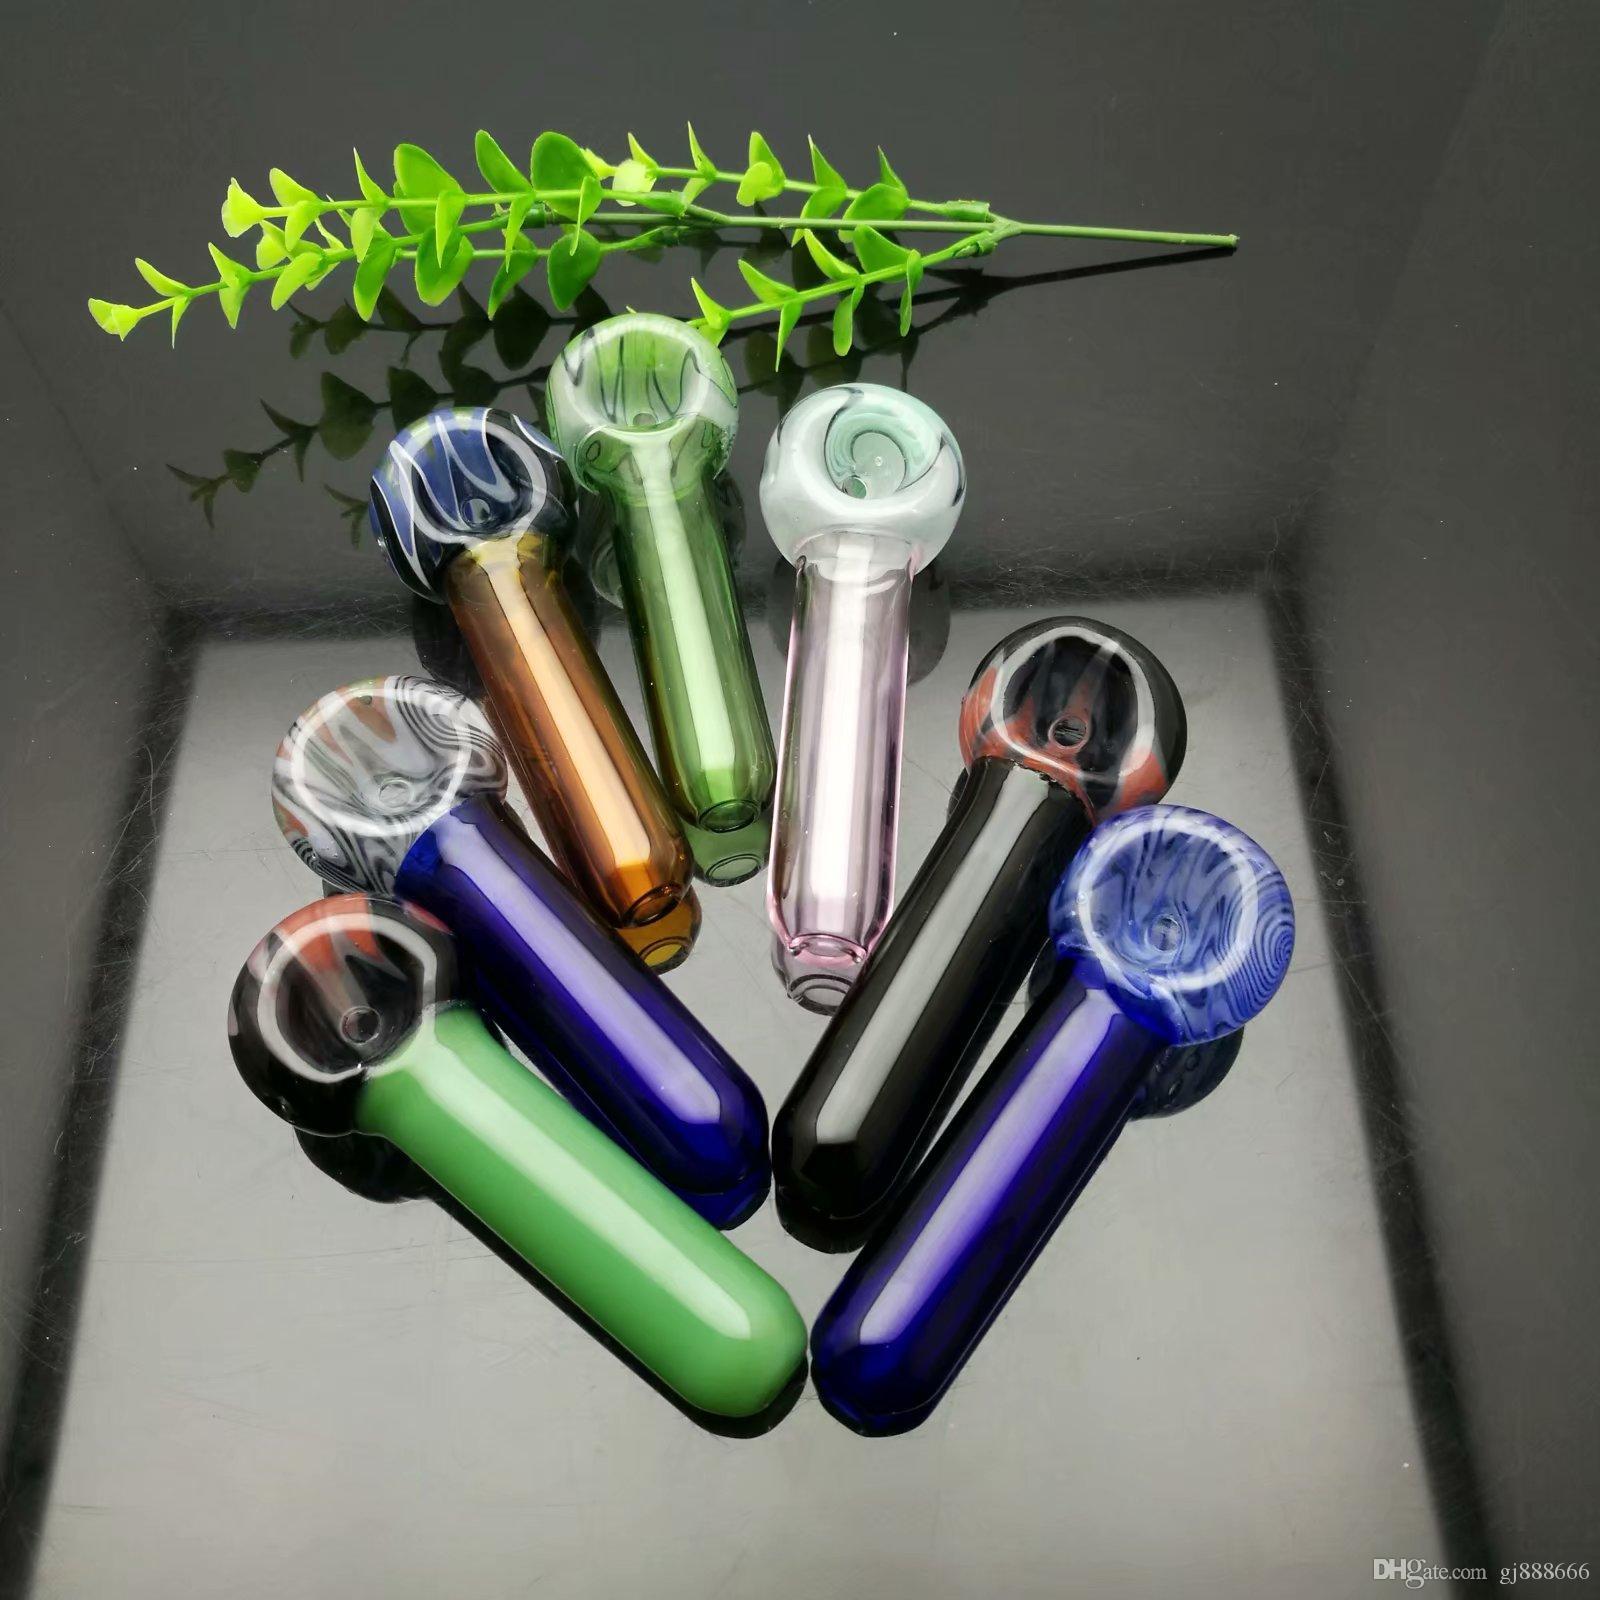 Renkli lolipop cam boru Toptan Cam Nargile, Cam Su Boru Bağlantı Parçaları, Sigara, Ücretsiz Kargo